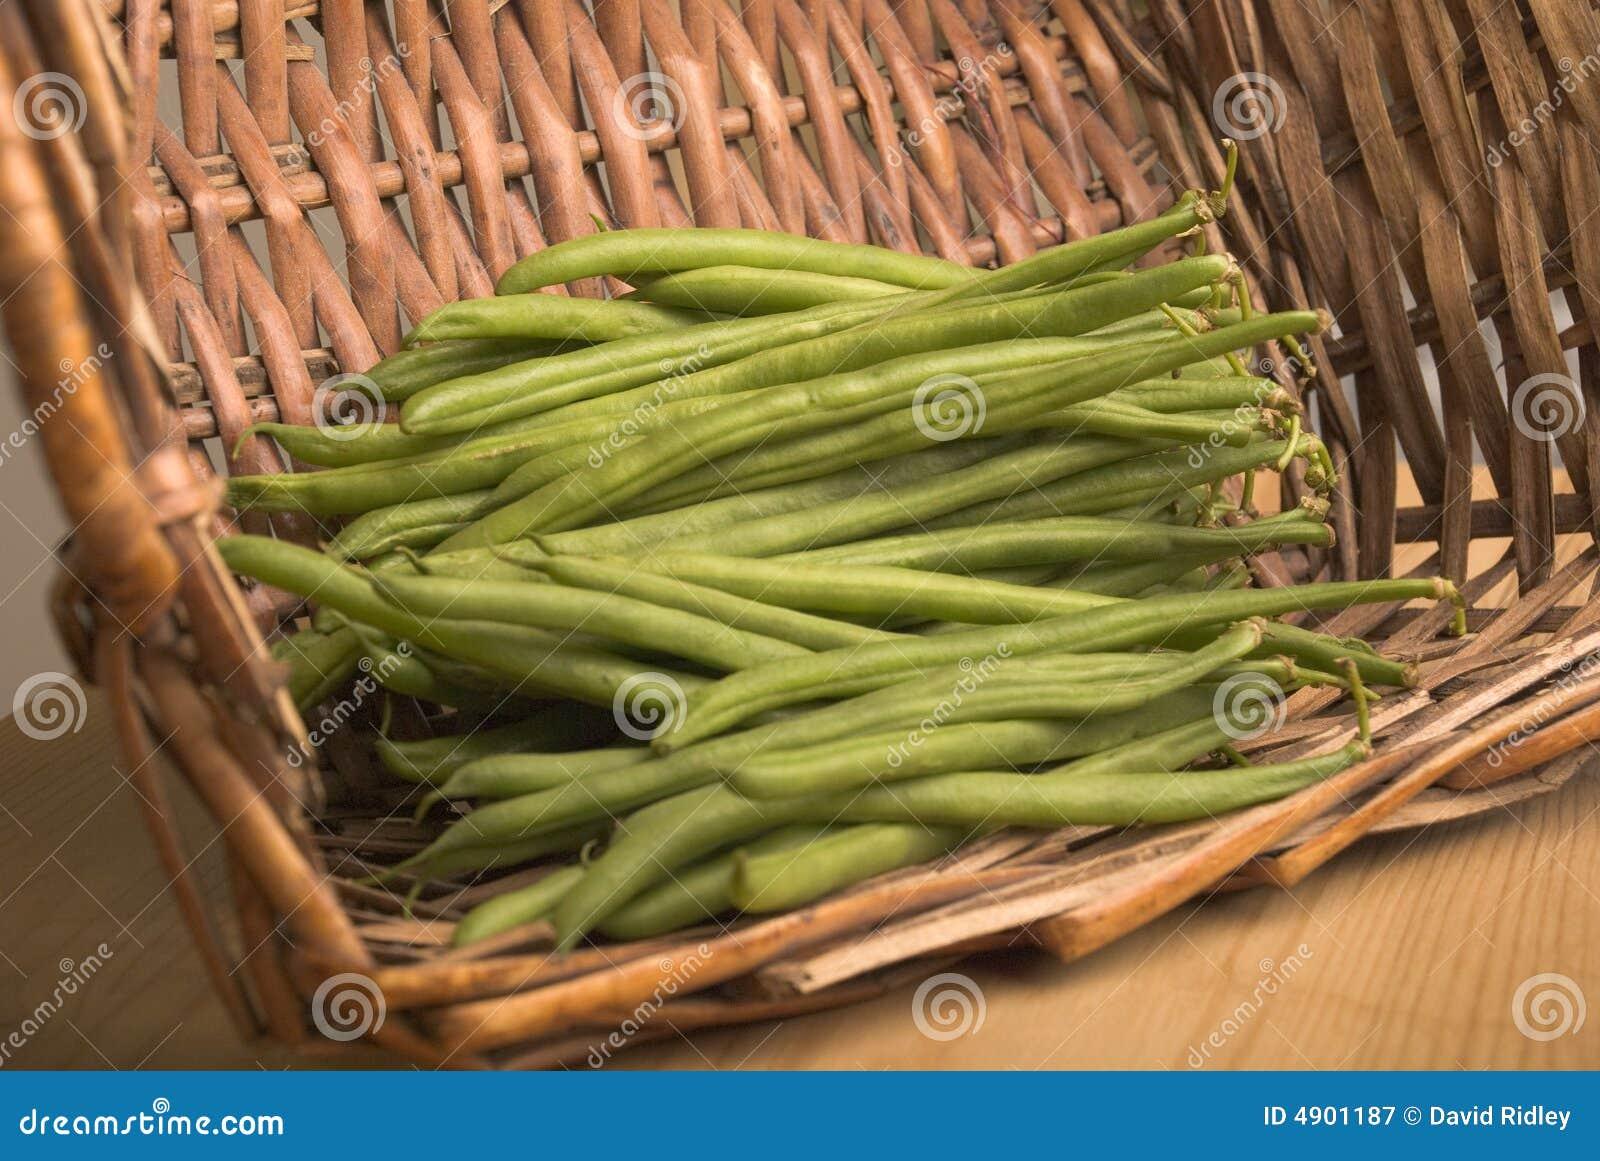 Cesta de habas verdes del bobby